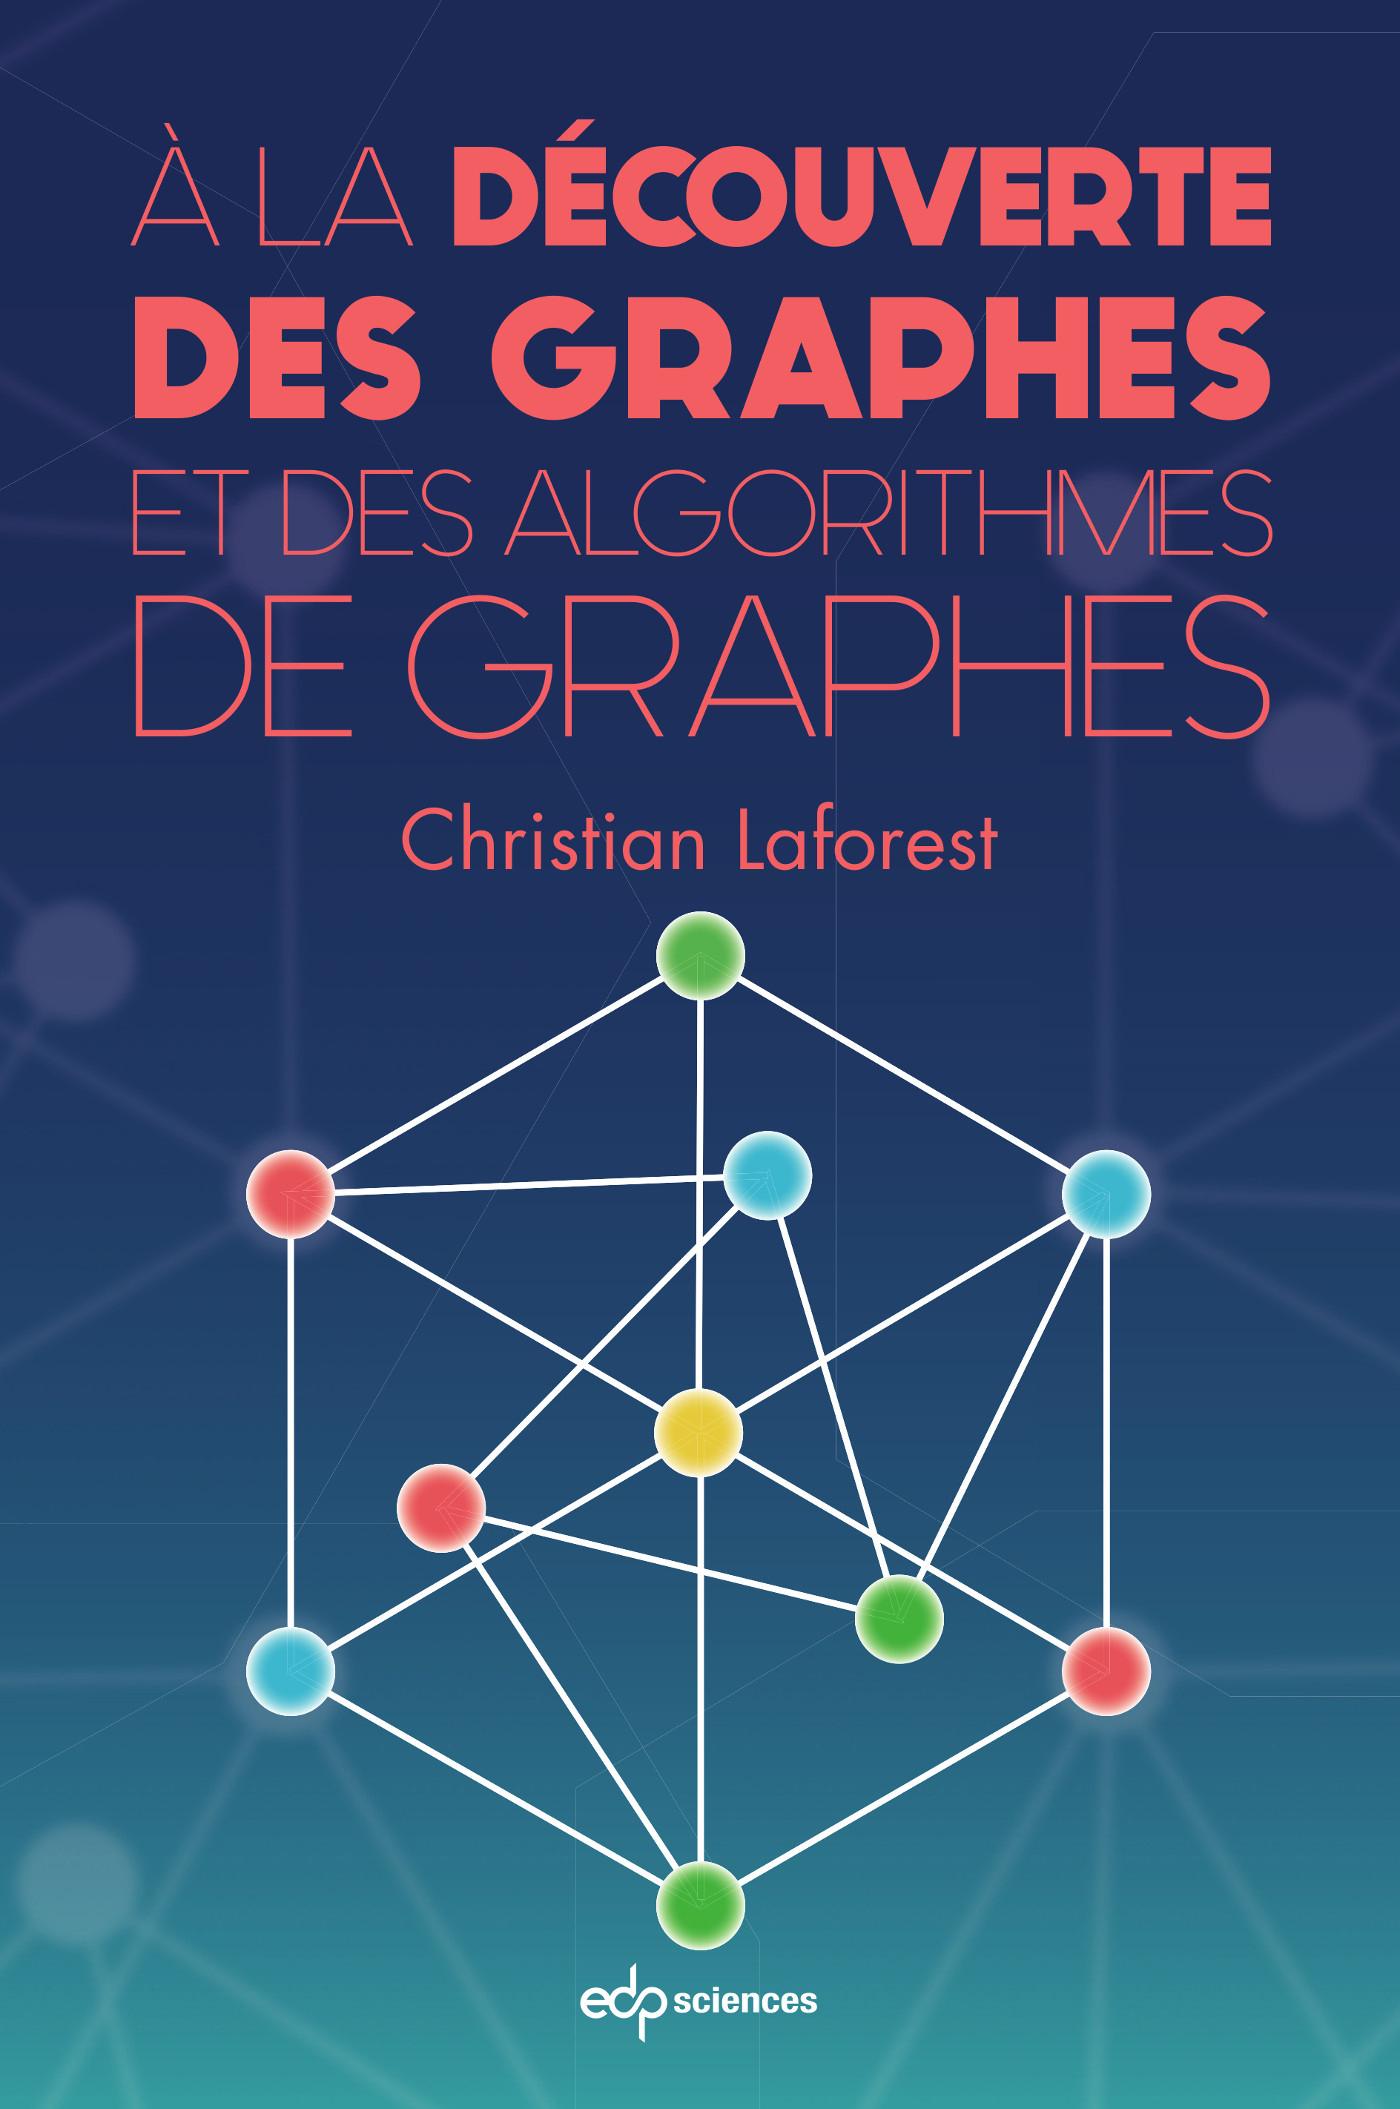 À la découverte des graphes...